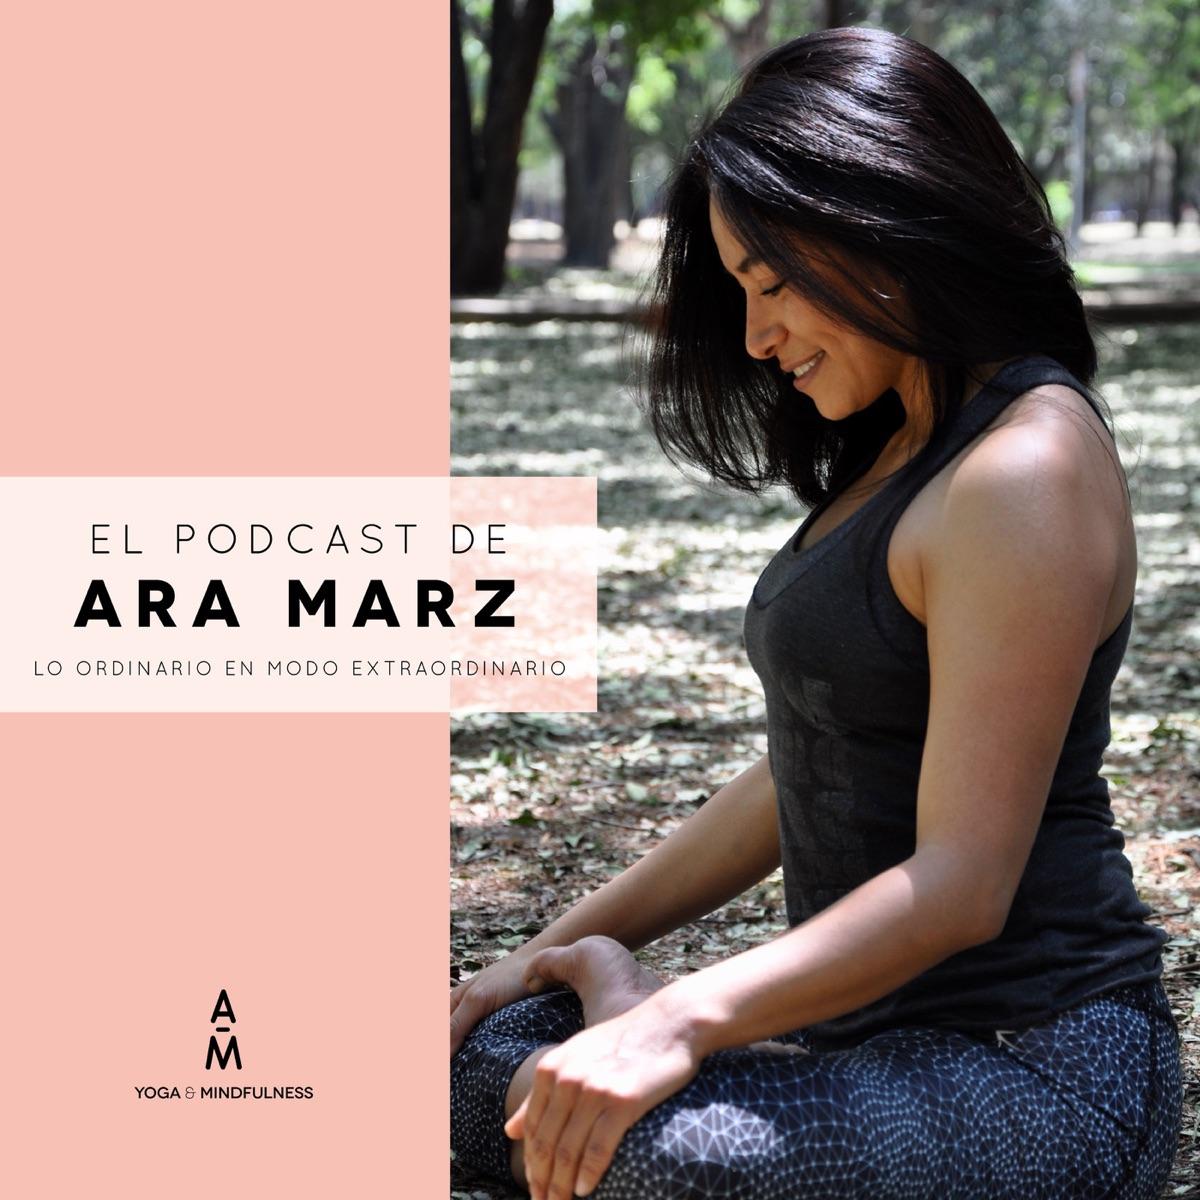 El podcast de Ara Marz.